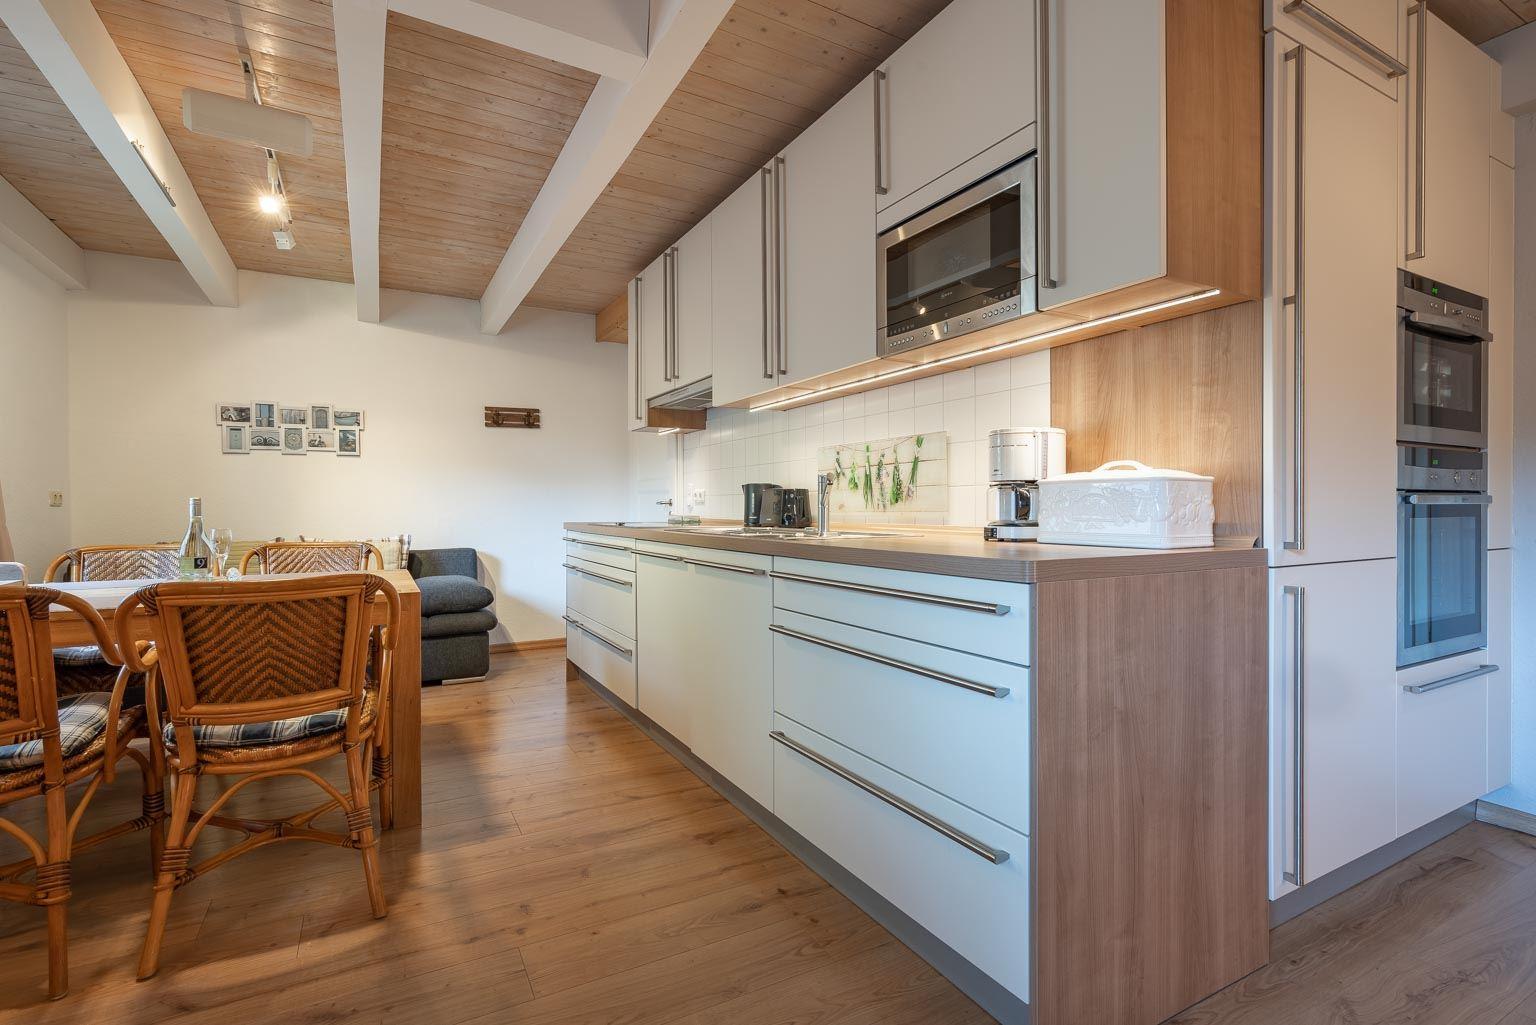 """Küche der Extra-Klasse für höchste Ansprüche - St Peter Ording Dorf, Ferienhaus Gartenweg 3, Wohnung 2 """"Strandflieder"""""""